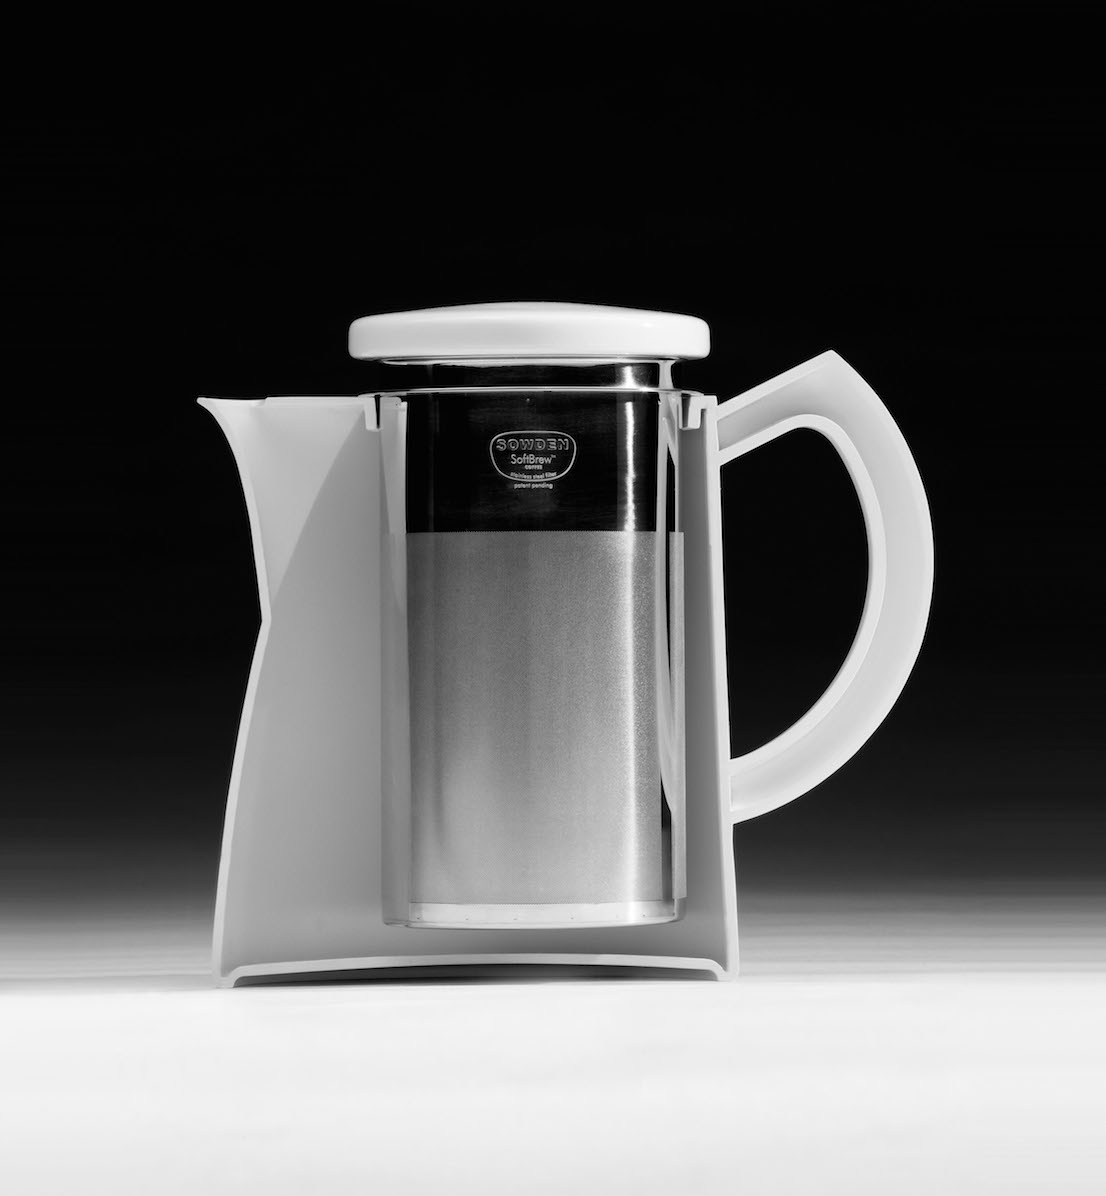 Teiere e caffettiere della serie SoftBrew di George Sowden.